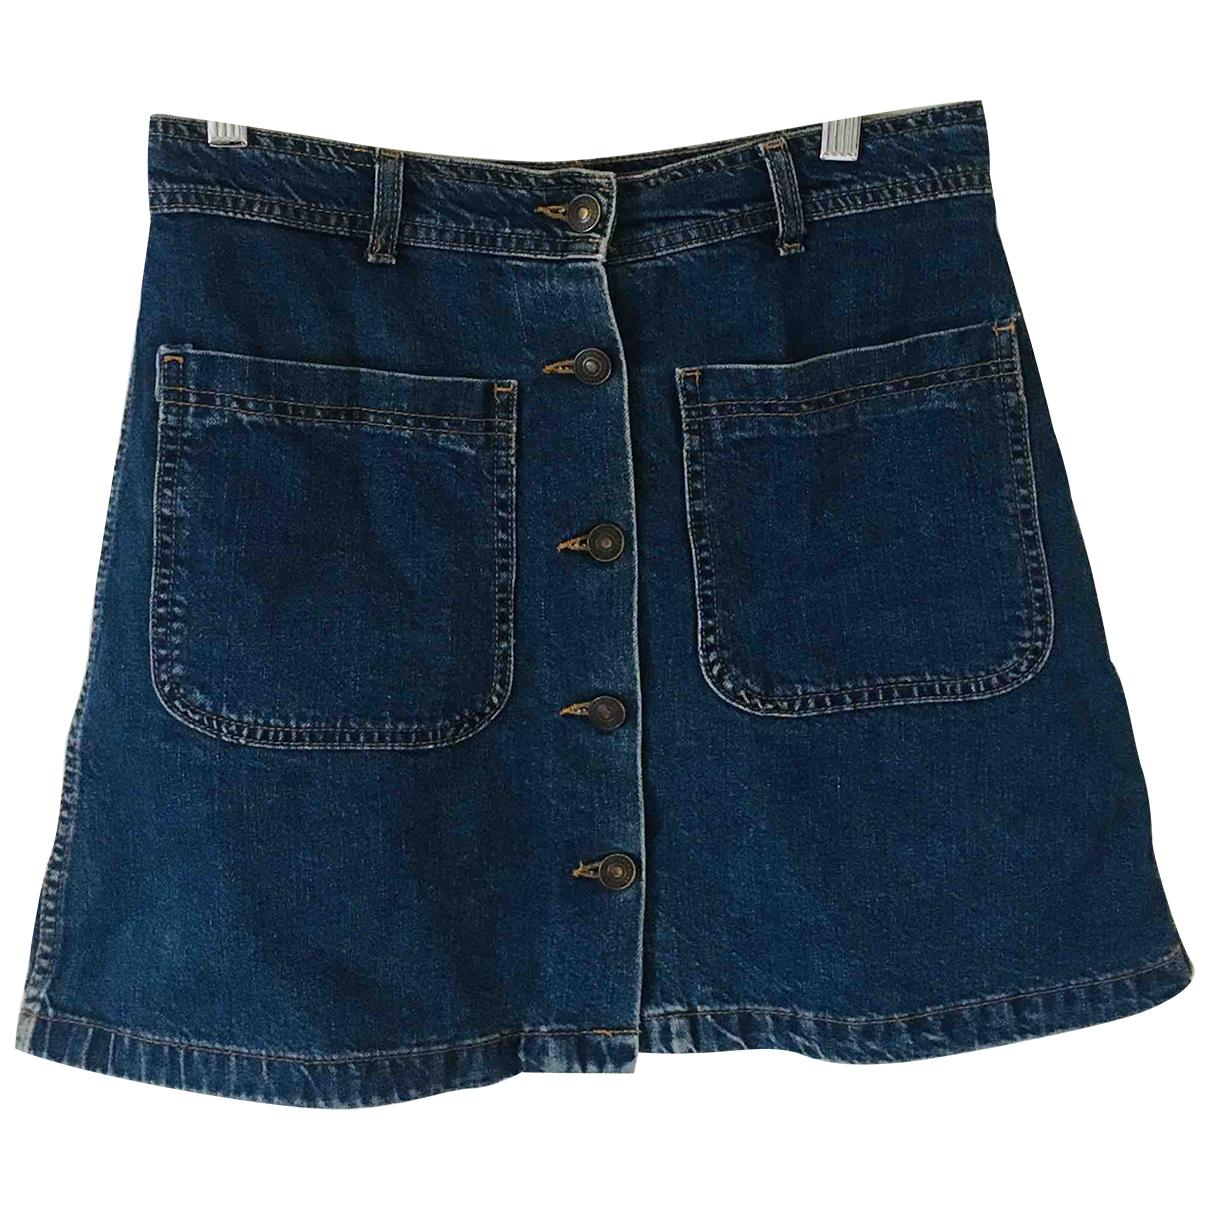 Zara \N Blue Denim - Jeans skirt for Women S International